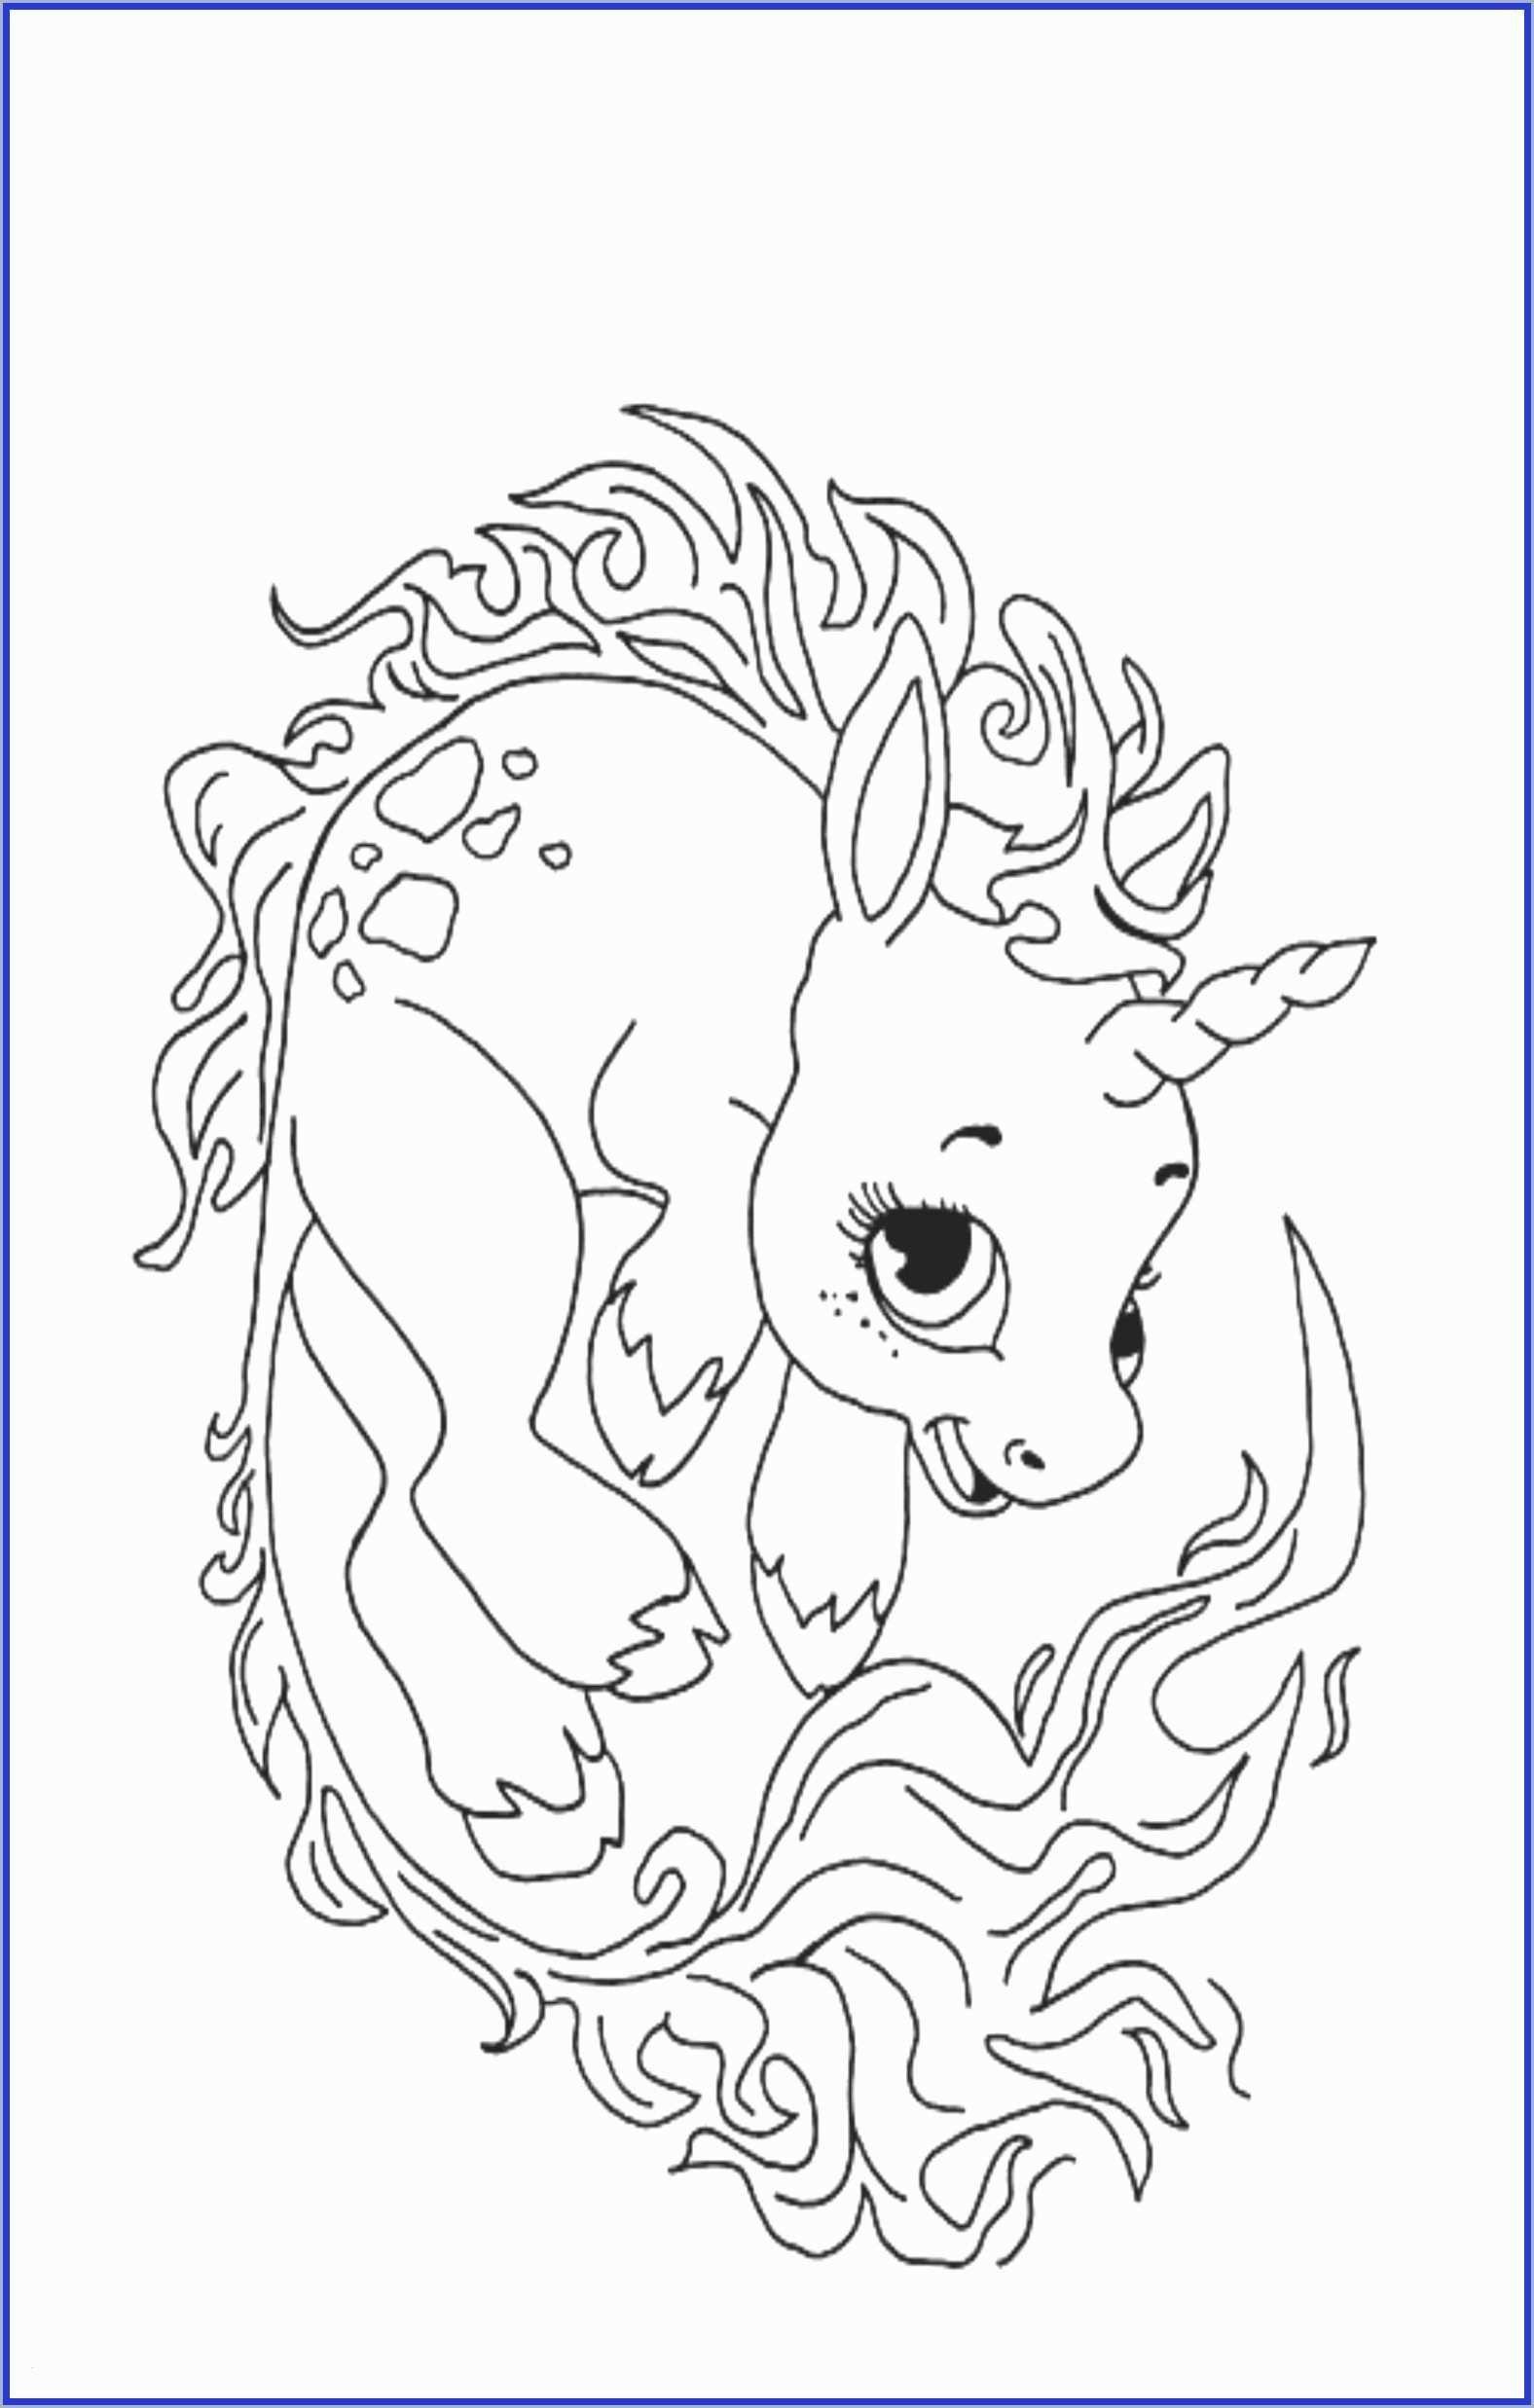 Animal Mandala Coloring Pages New New Mandala Coloring Apk Unicorn Coloring Pages Dragon Coloring Page Animal Coloring Pages